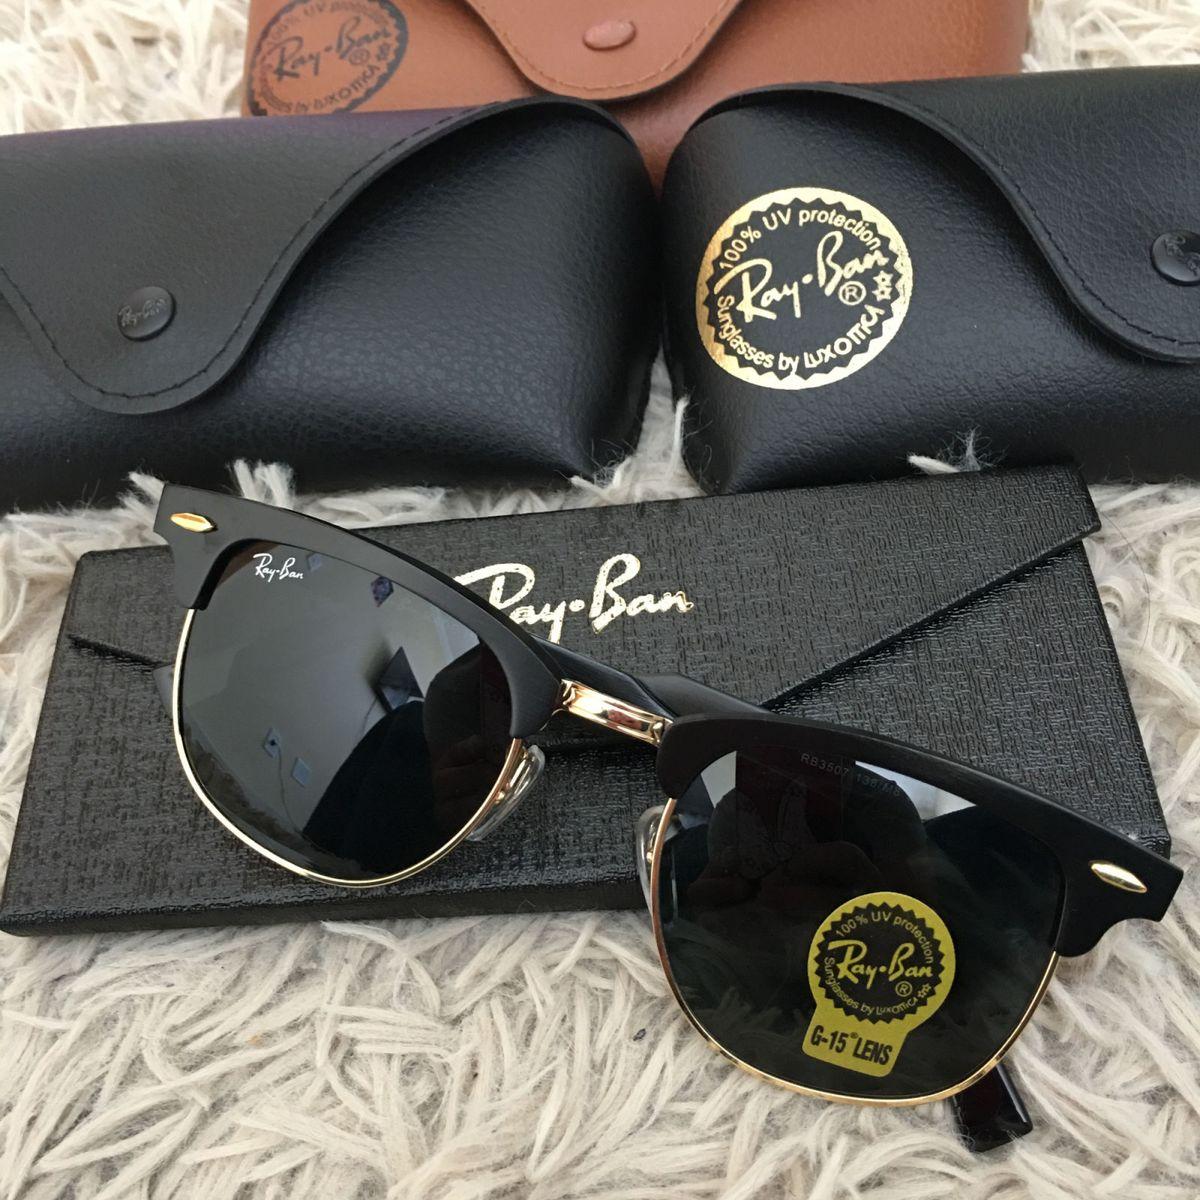 41a77c1dab91b Oculos de Sol Ray Ban Clubmaster Feminino Rb 3507 Preto Armação Alumínio  Lente Cristal